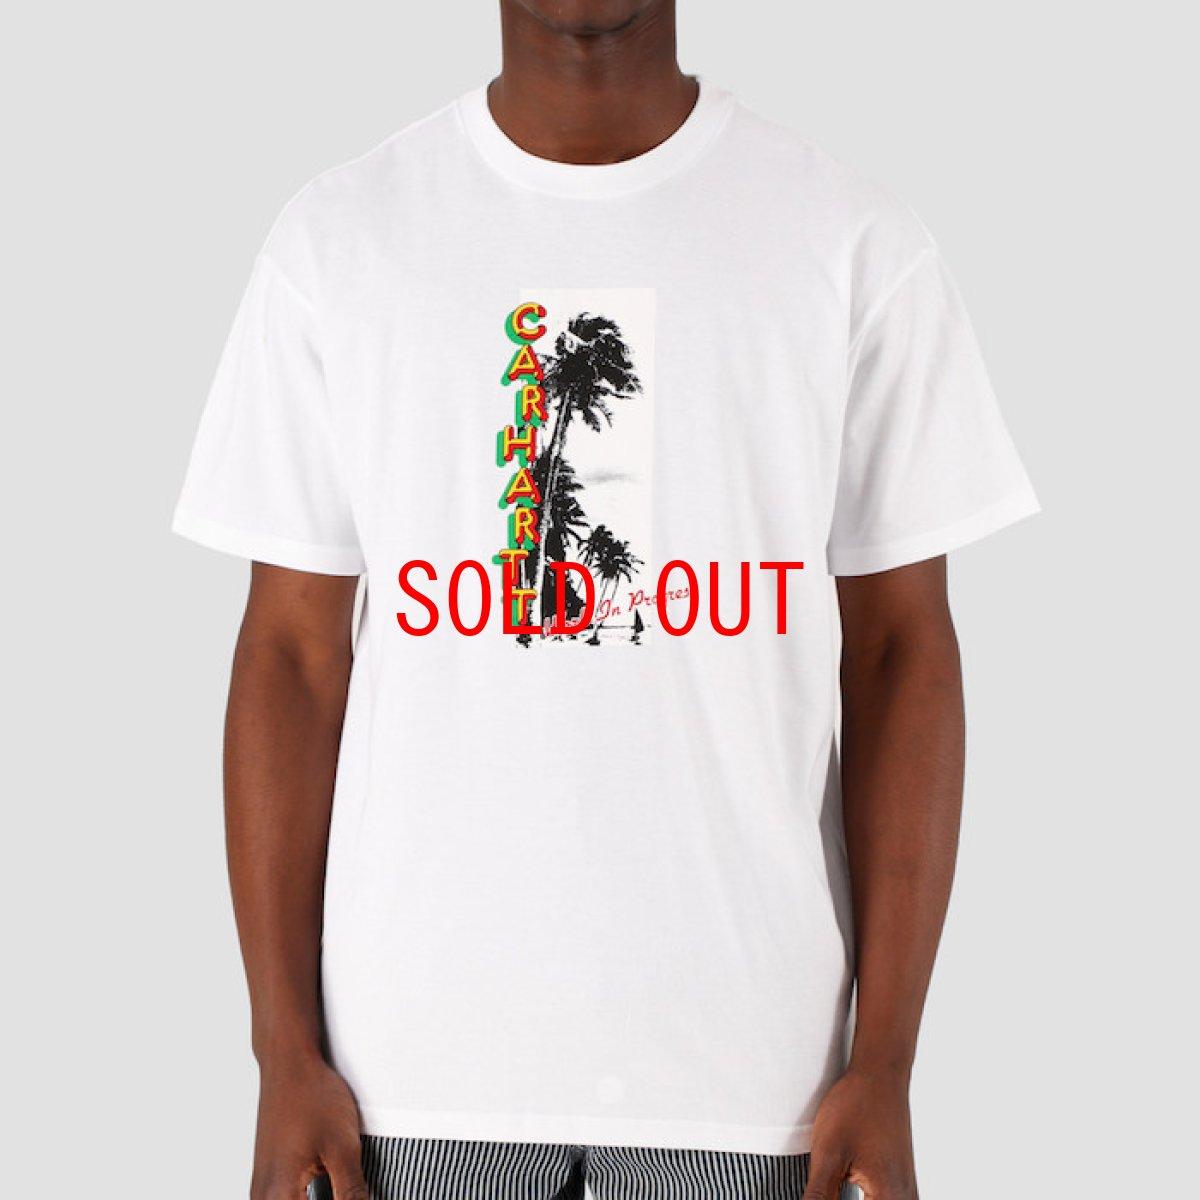 画像1: Montego S/S Tee White 半袖 Tシャツ (1)